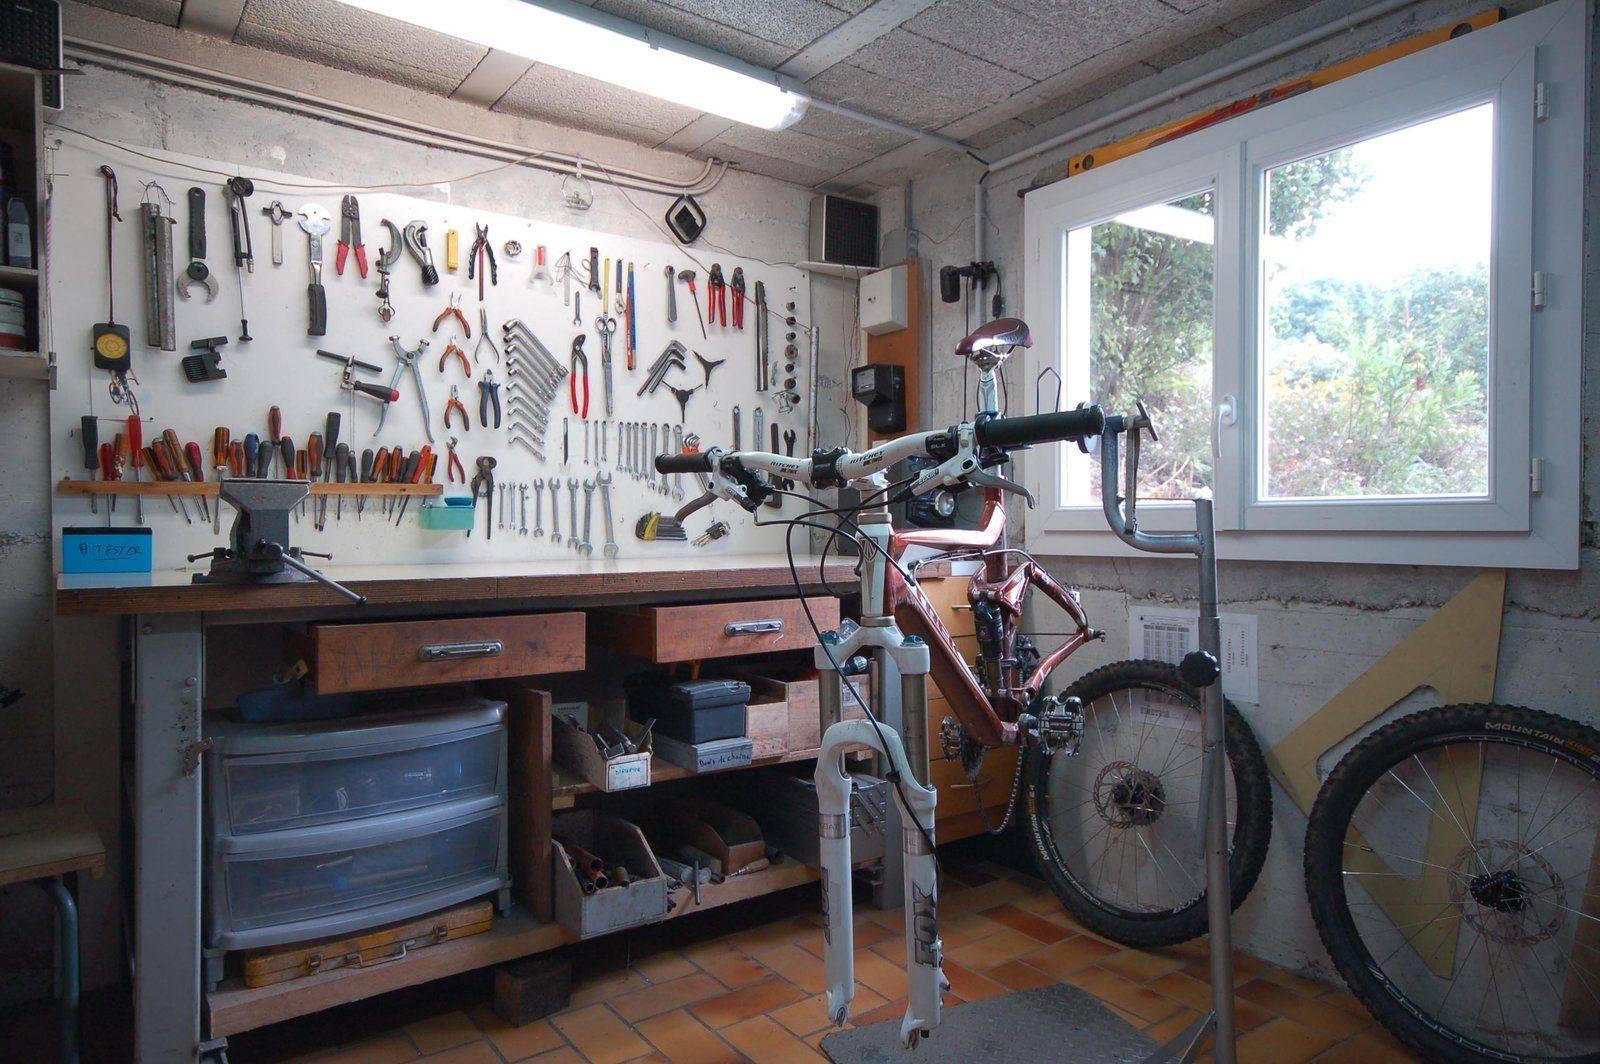 ATE-vélo.jpg